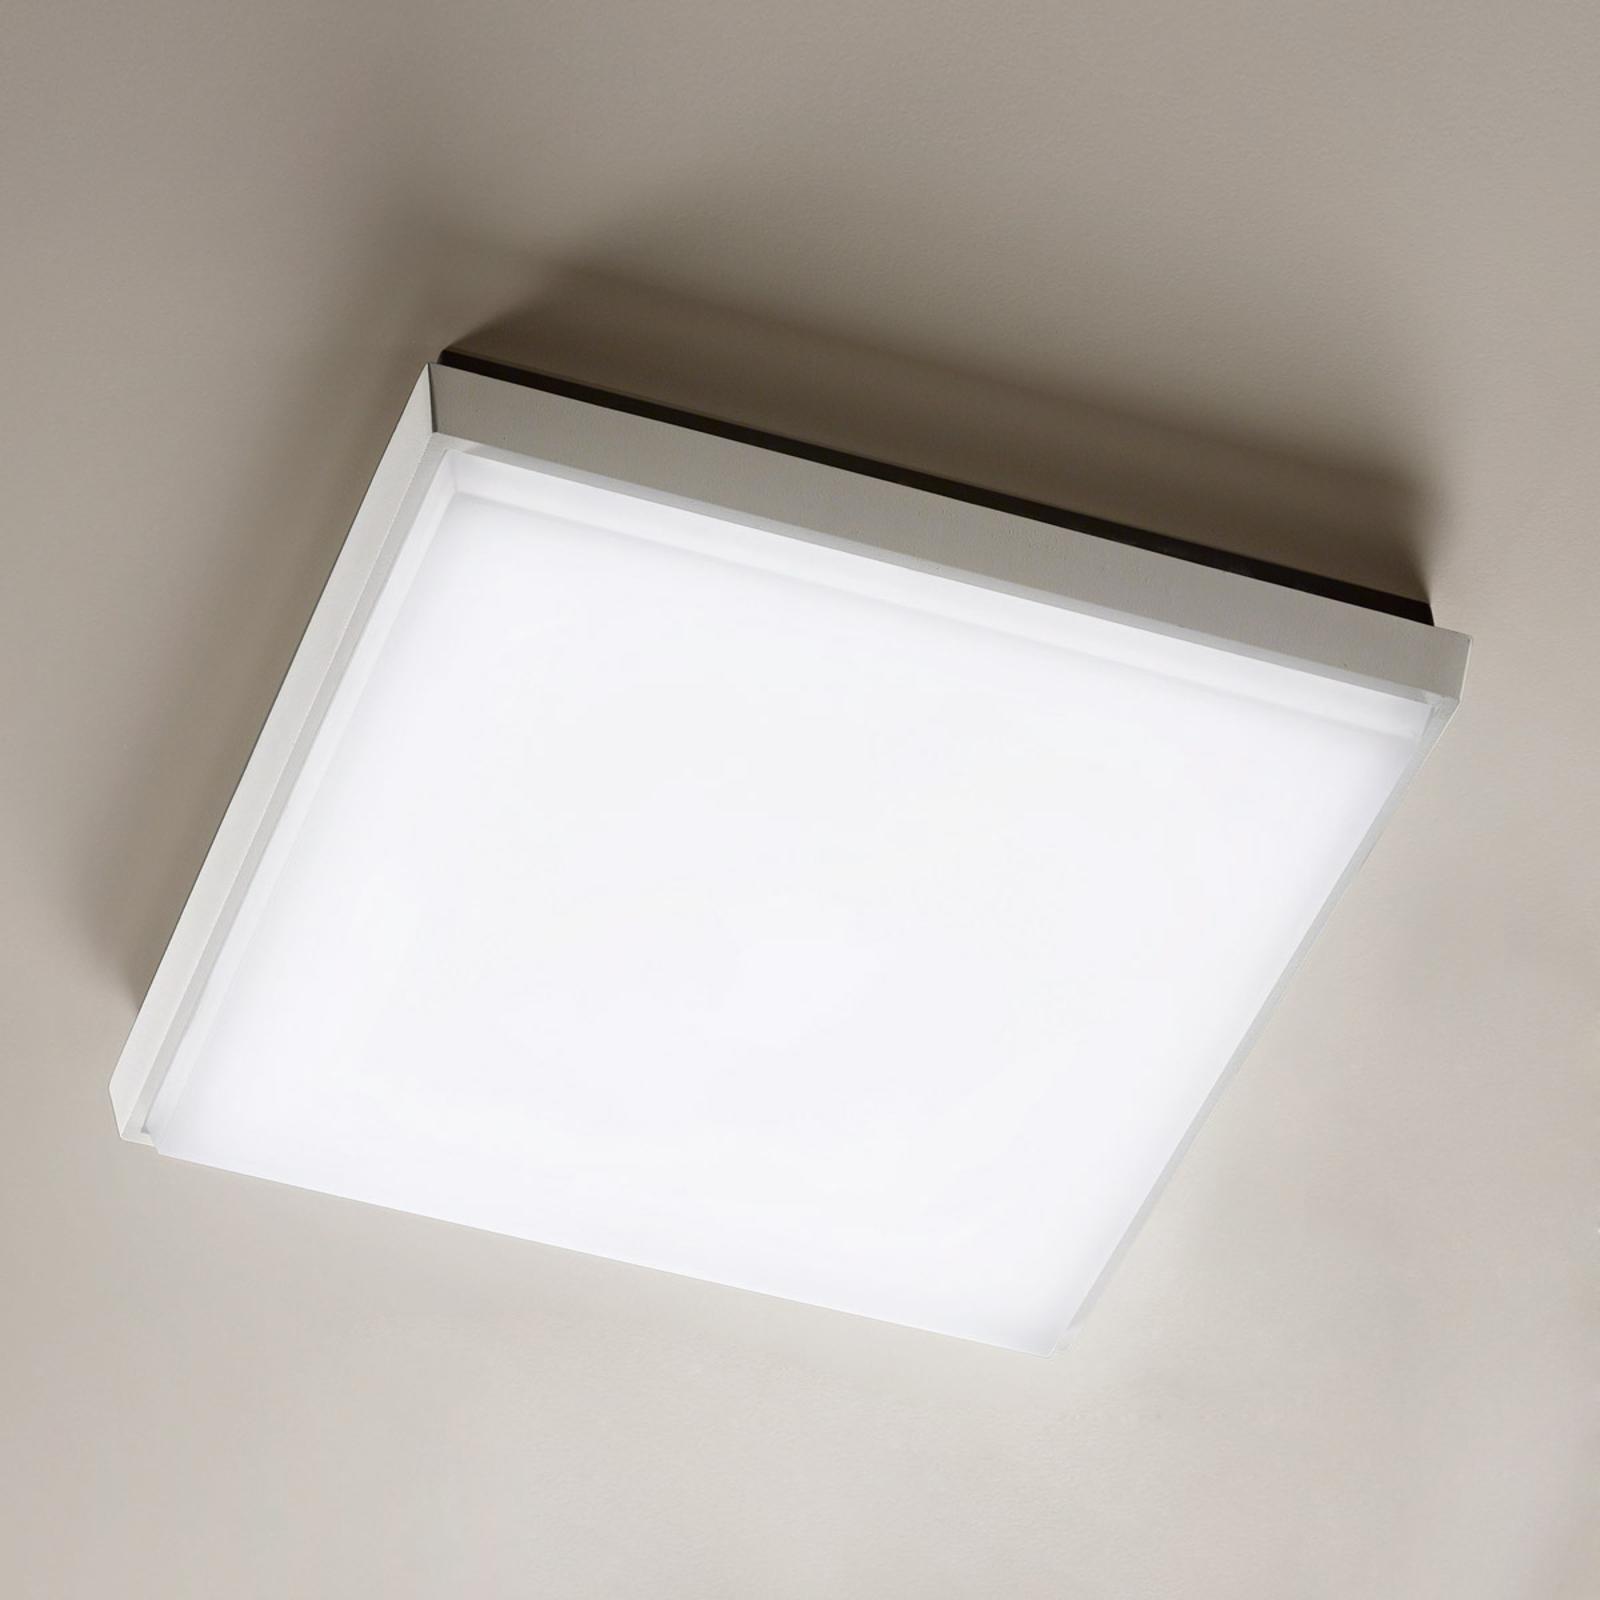 Desdy kantet udendørs LED-loftlampe